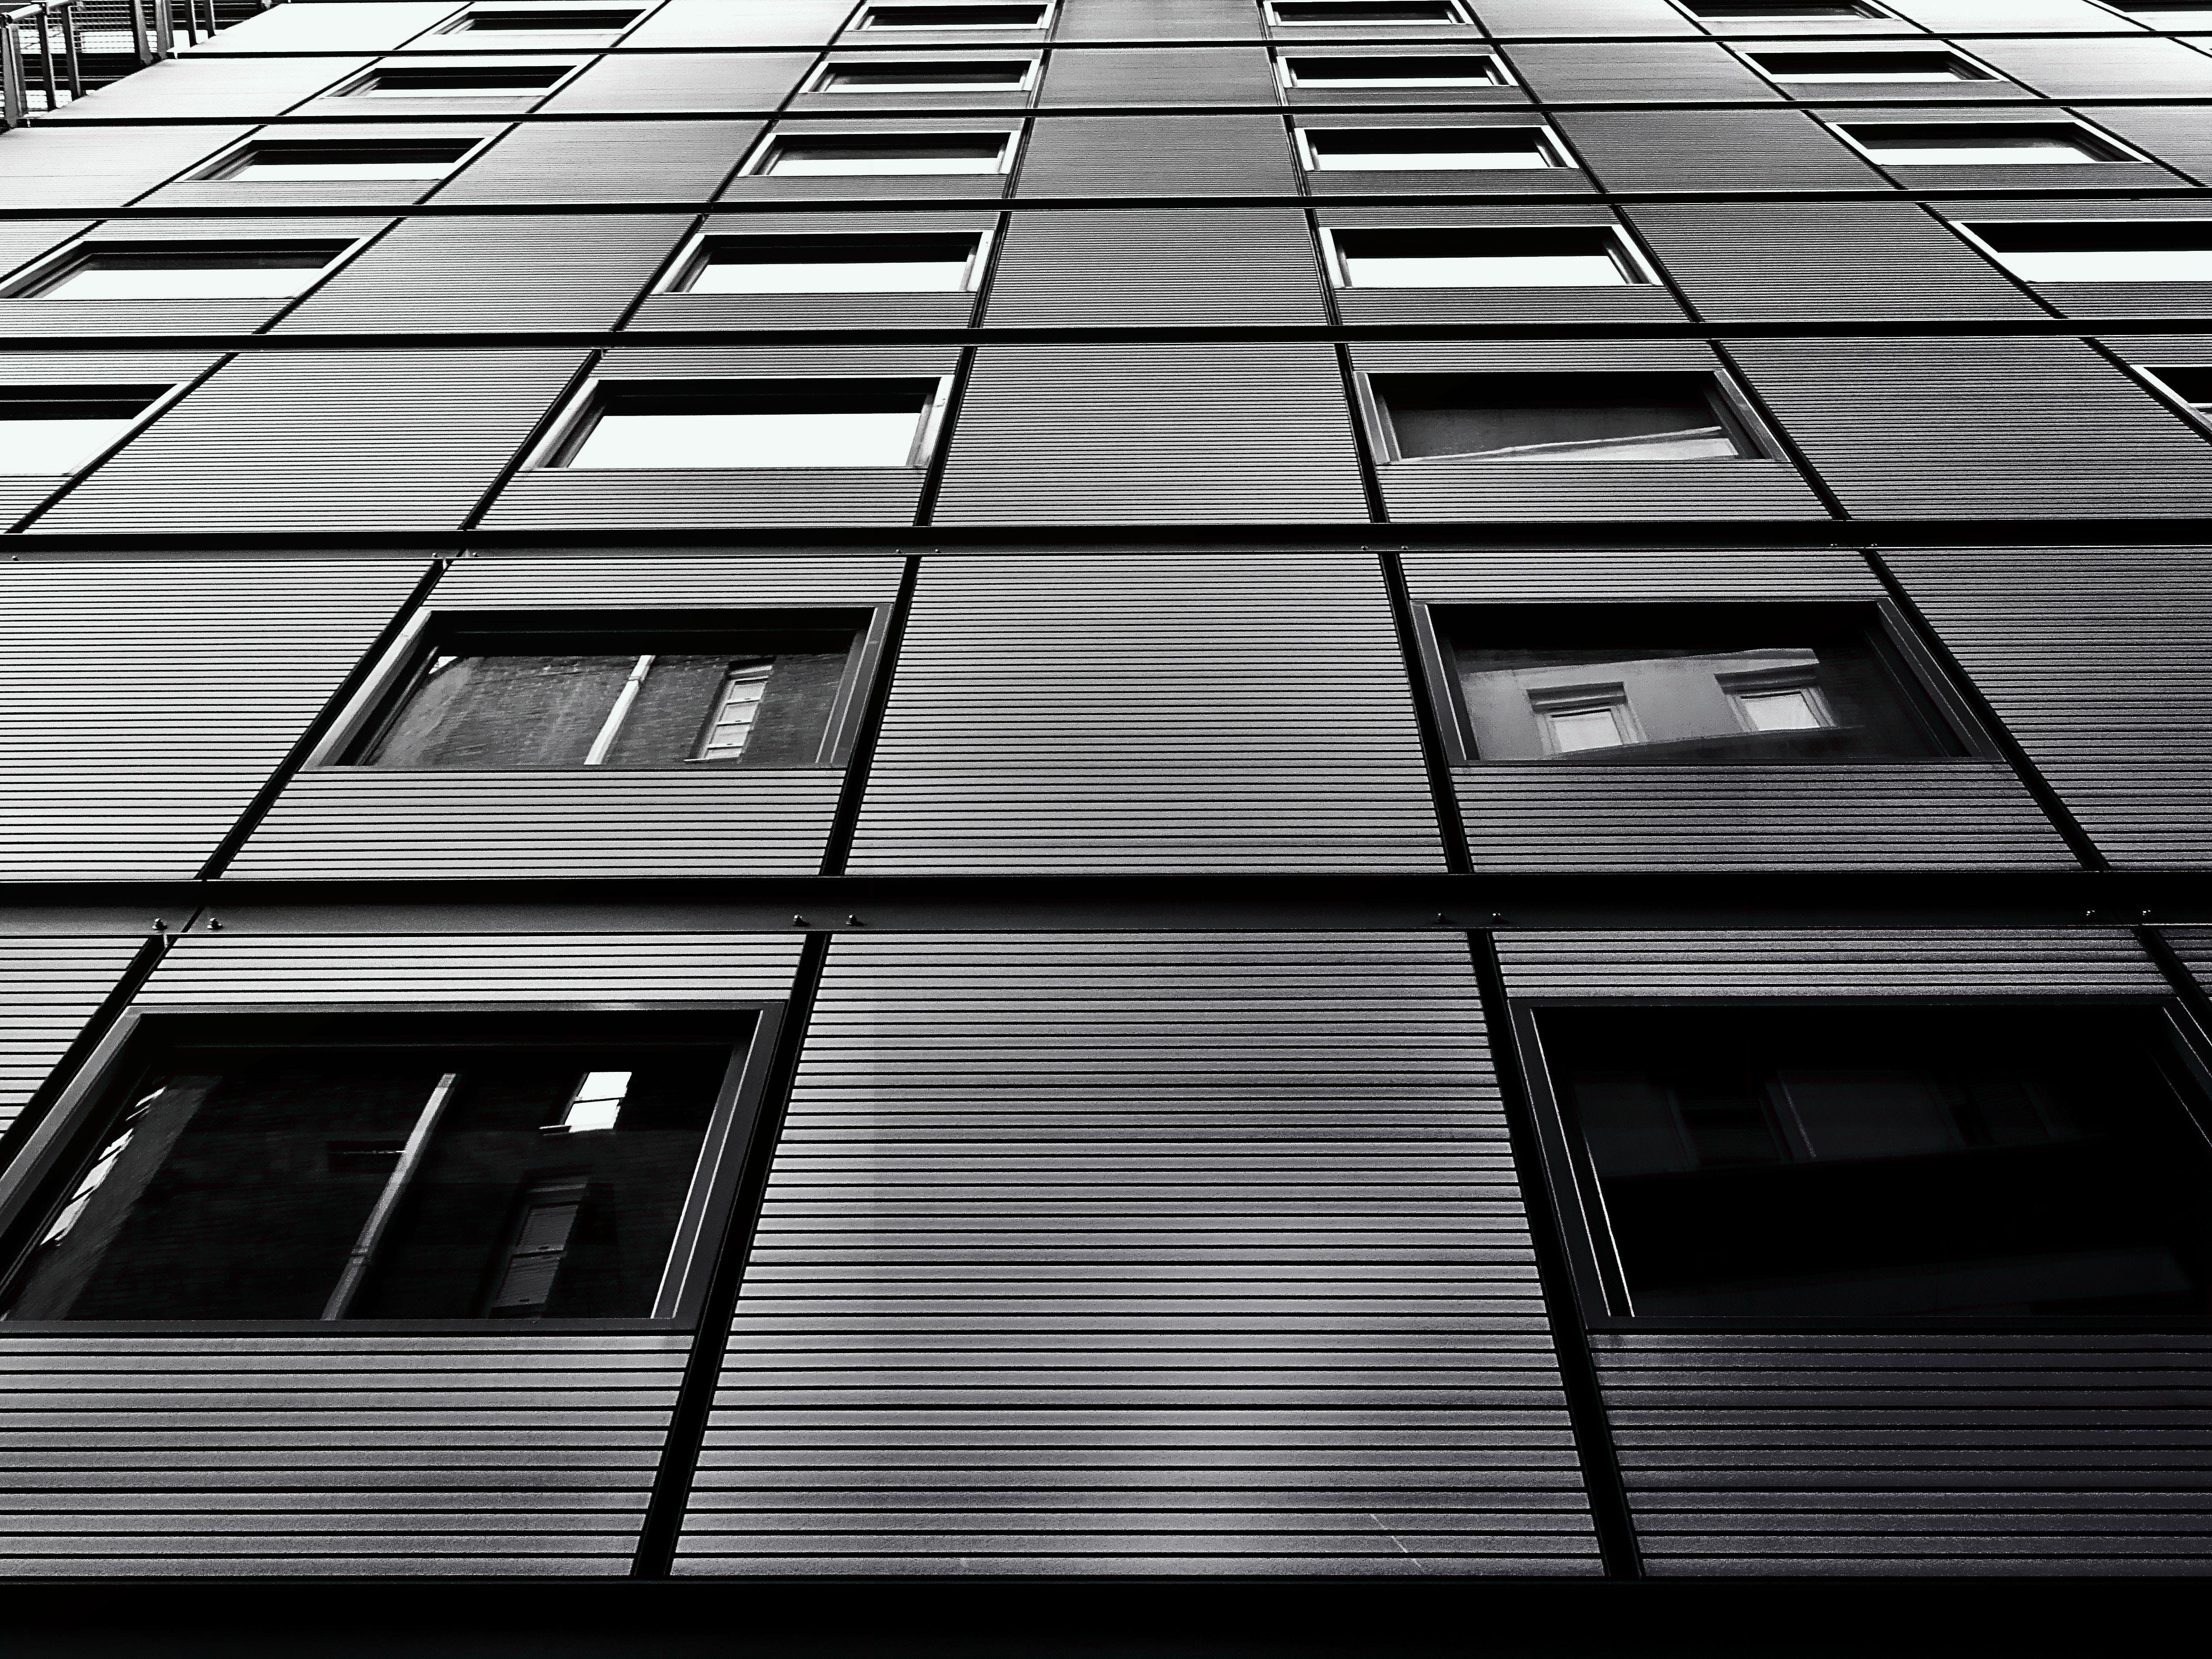 Δωρεάν στοκ φωτογραφιών με αρχιτεκτονική, ασπρόμαυρο, κτήριο, λήψη από χαμηλή γωνία